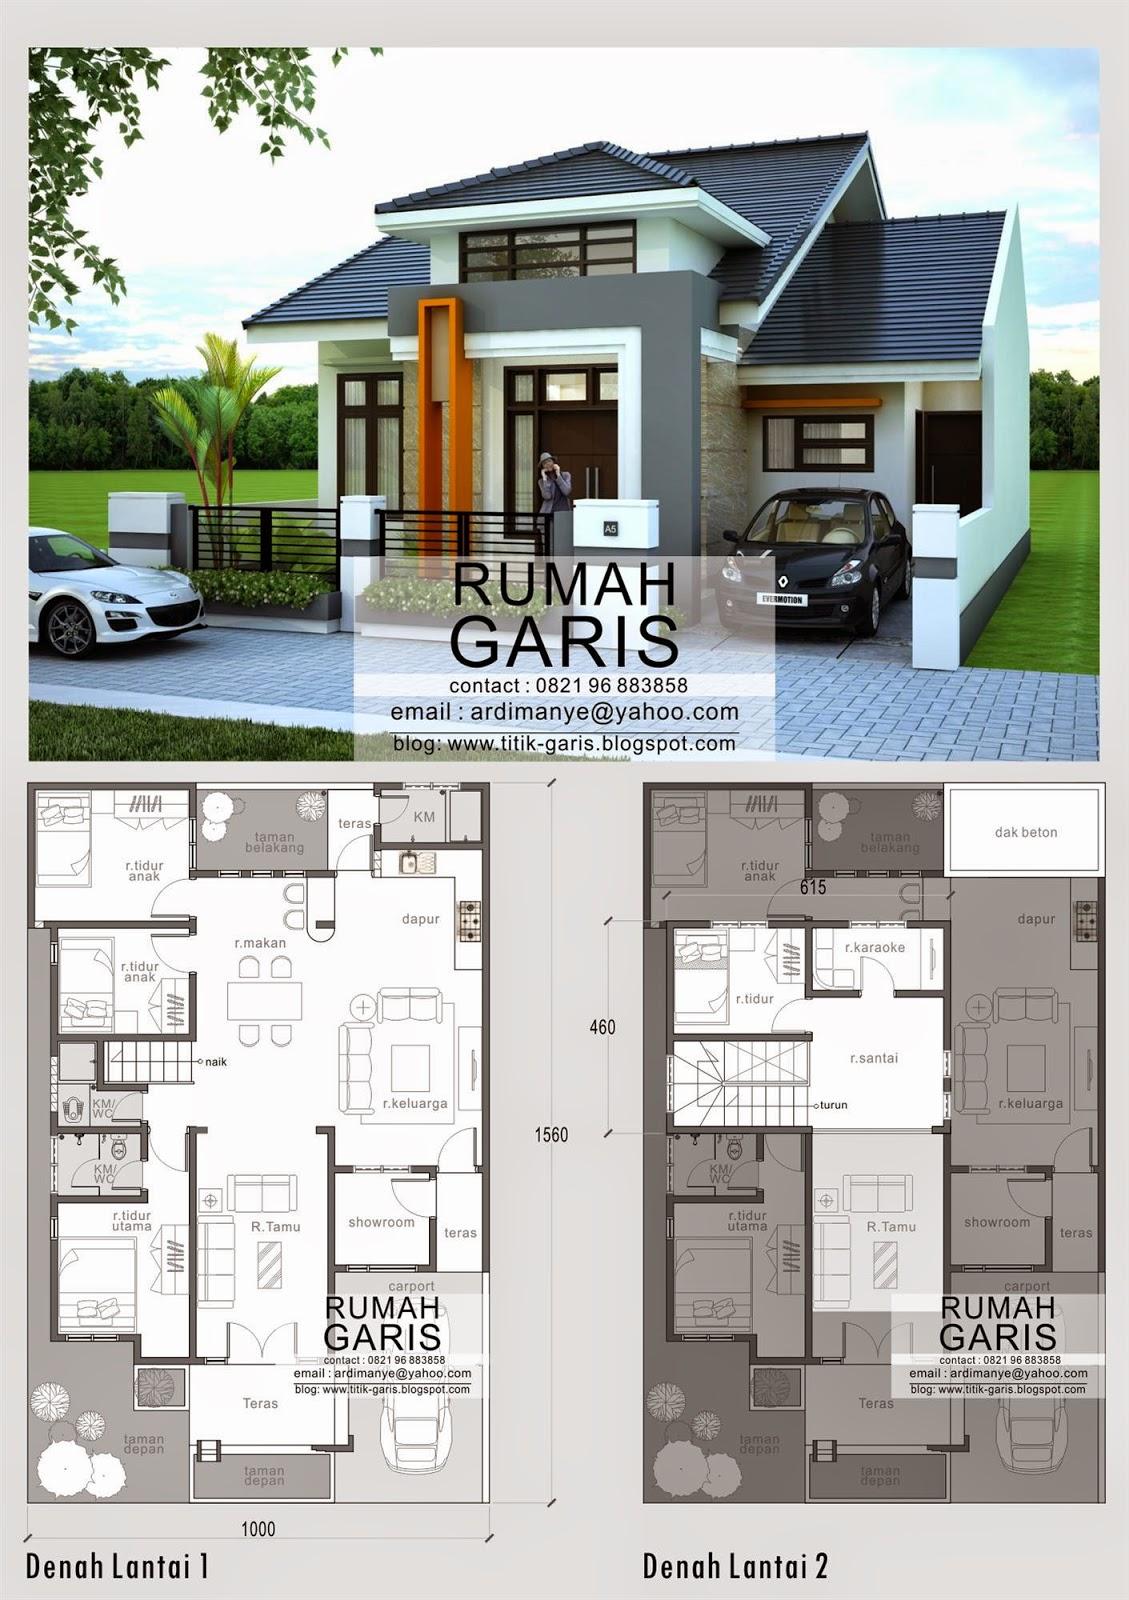 Kumpulan gambar denah dan tampak berbagai macam tipe rumah for Design interior rumah villa